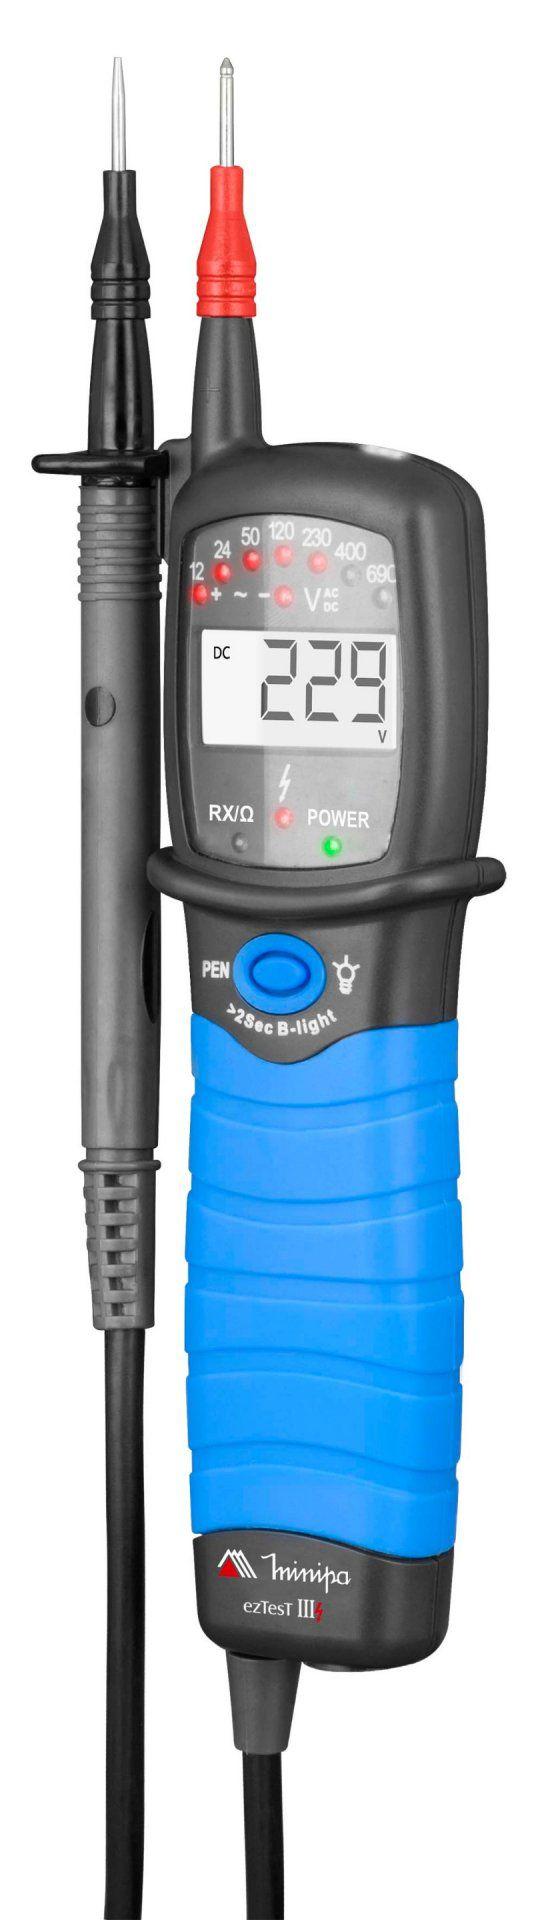 Testador de Tensão Minipa ez Test III  - MRE Ferramentas